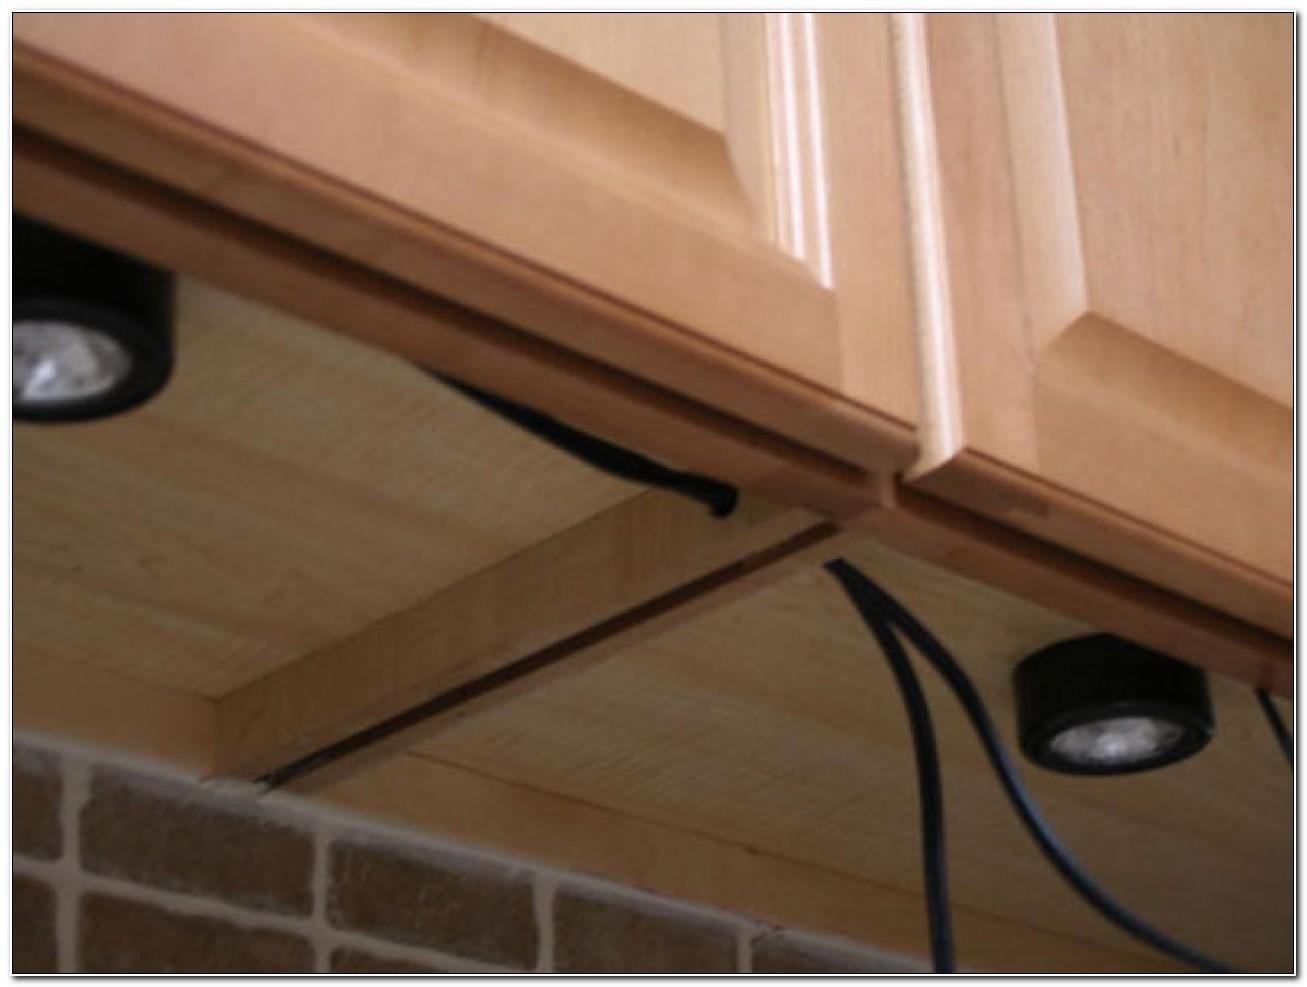 Puck Under Cabinet Lighting Installation